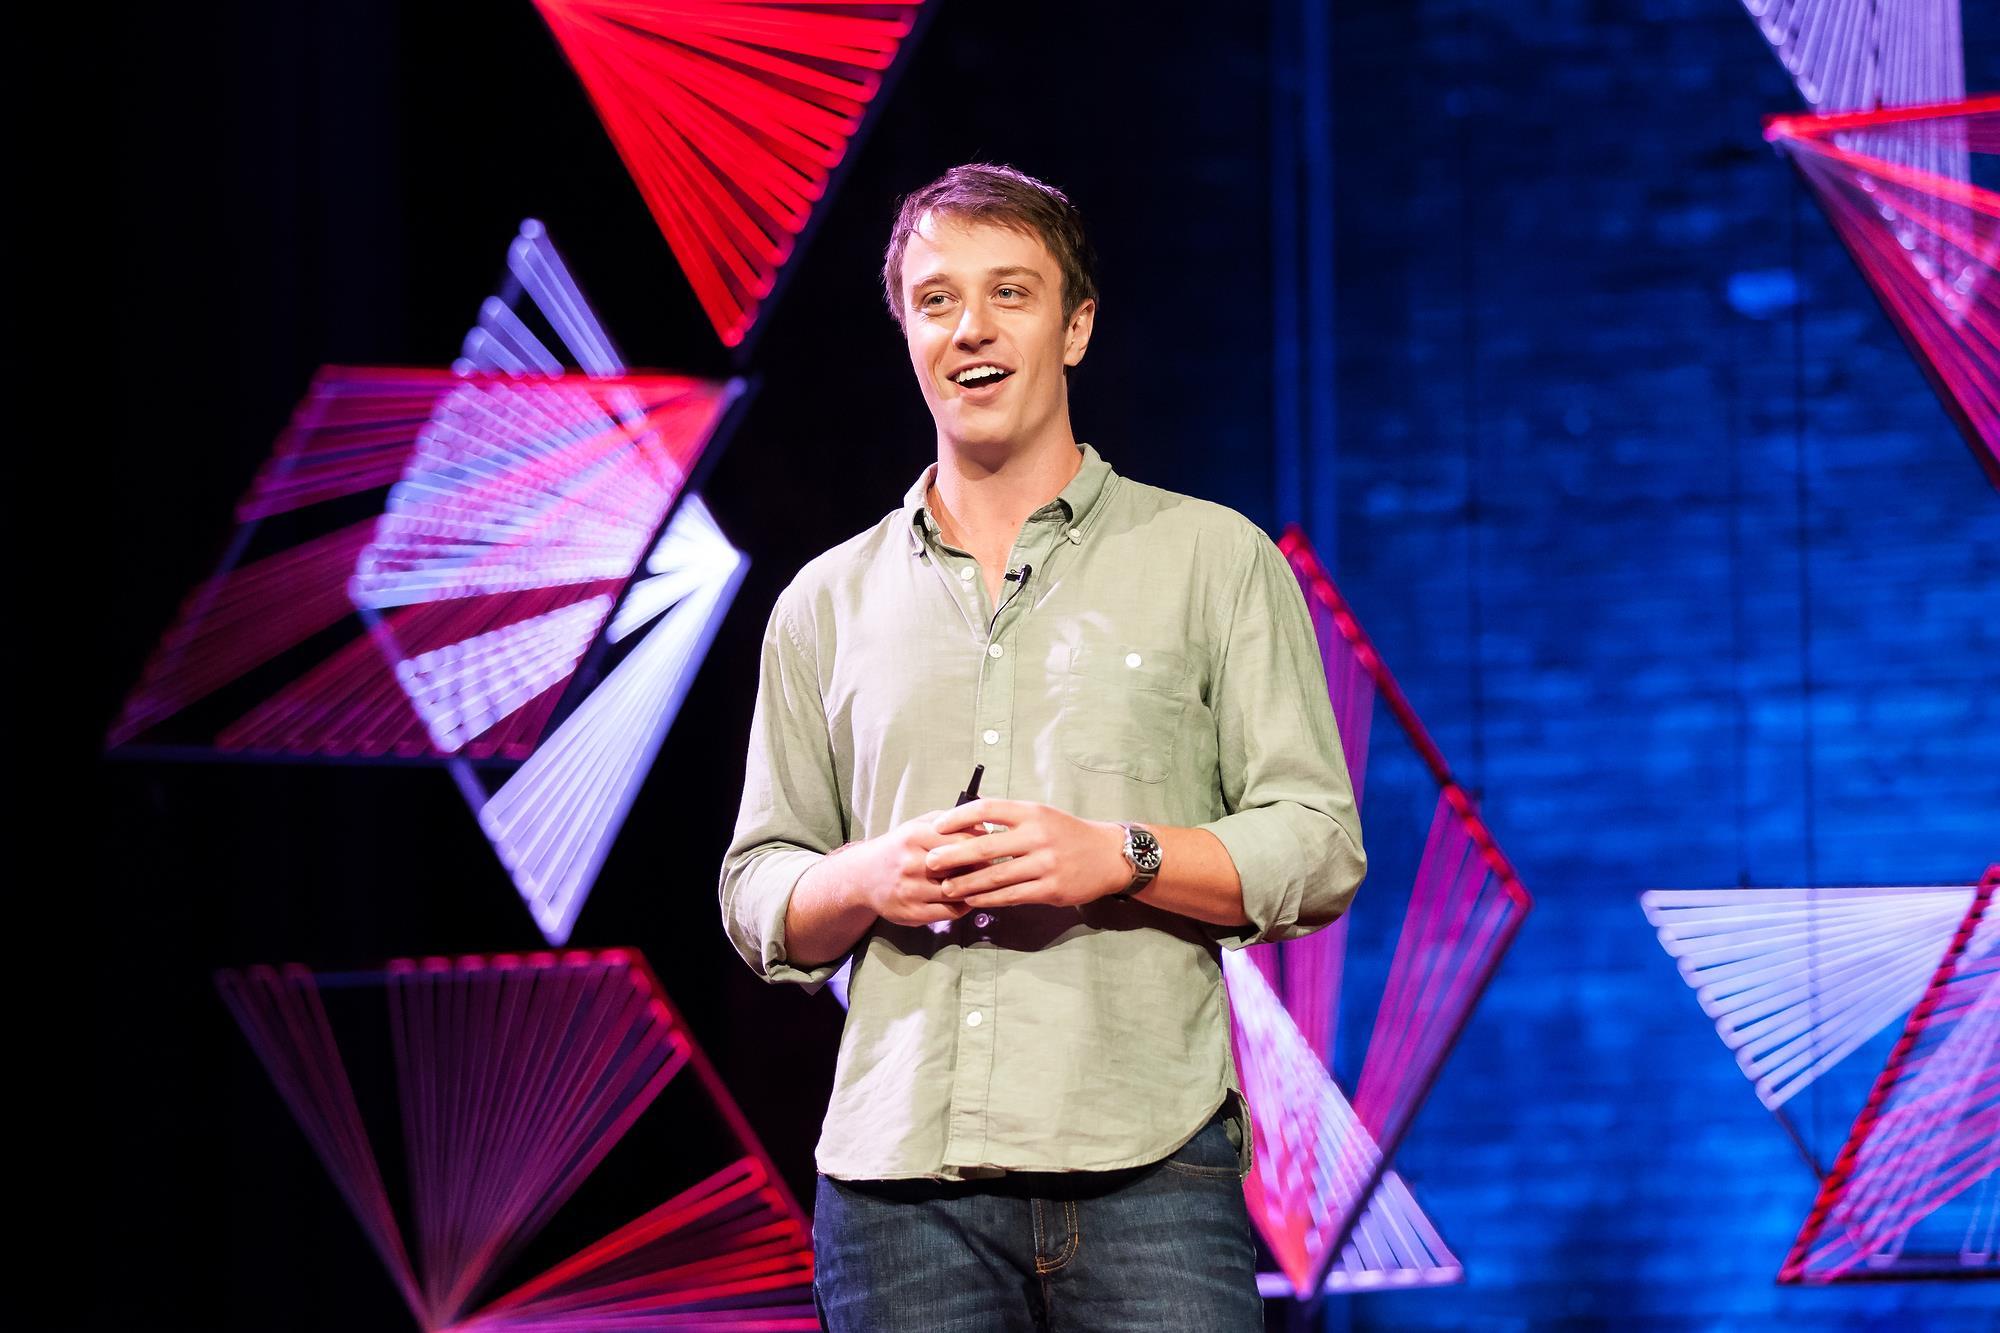 Dan at TedxFargo